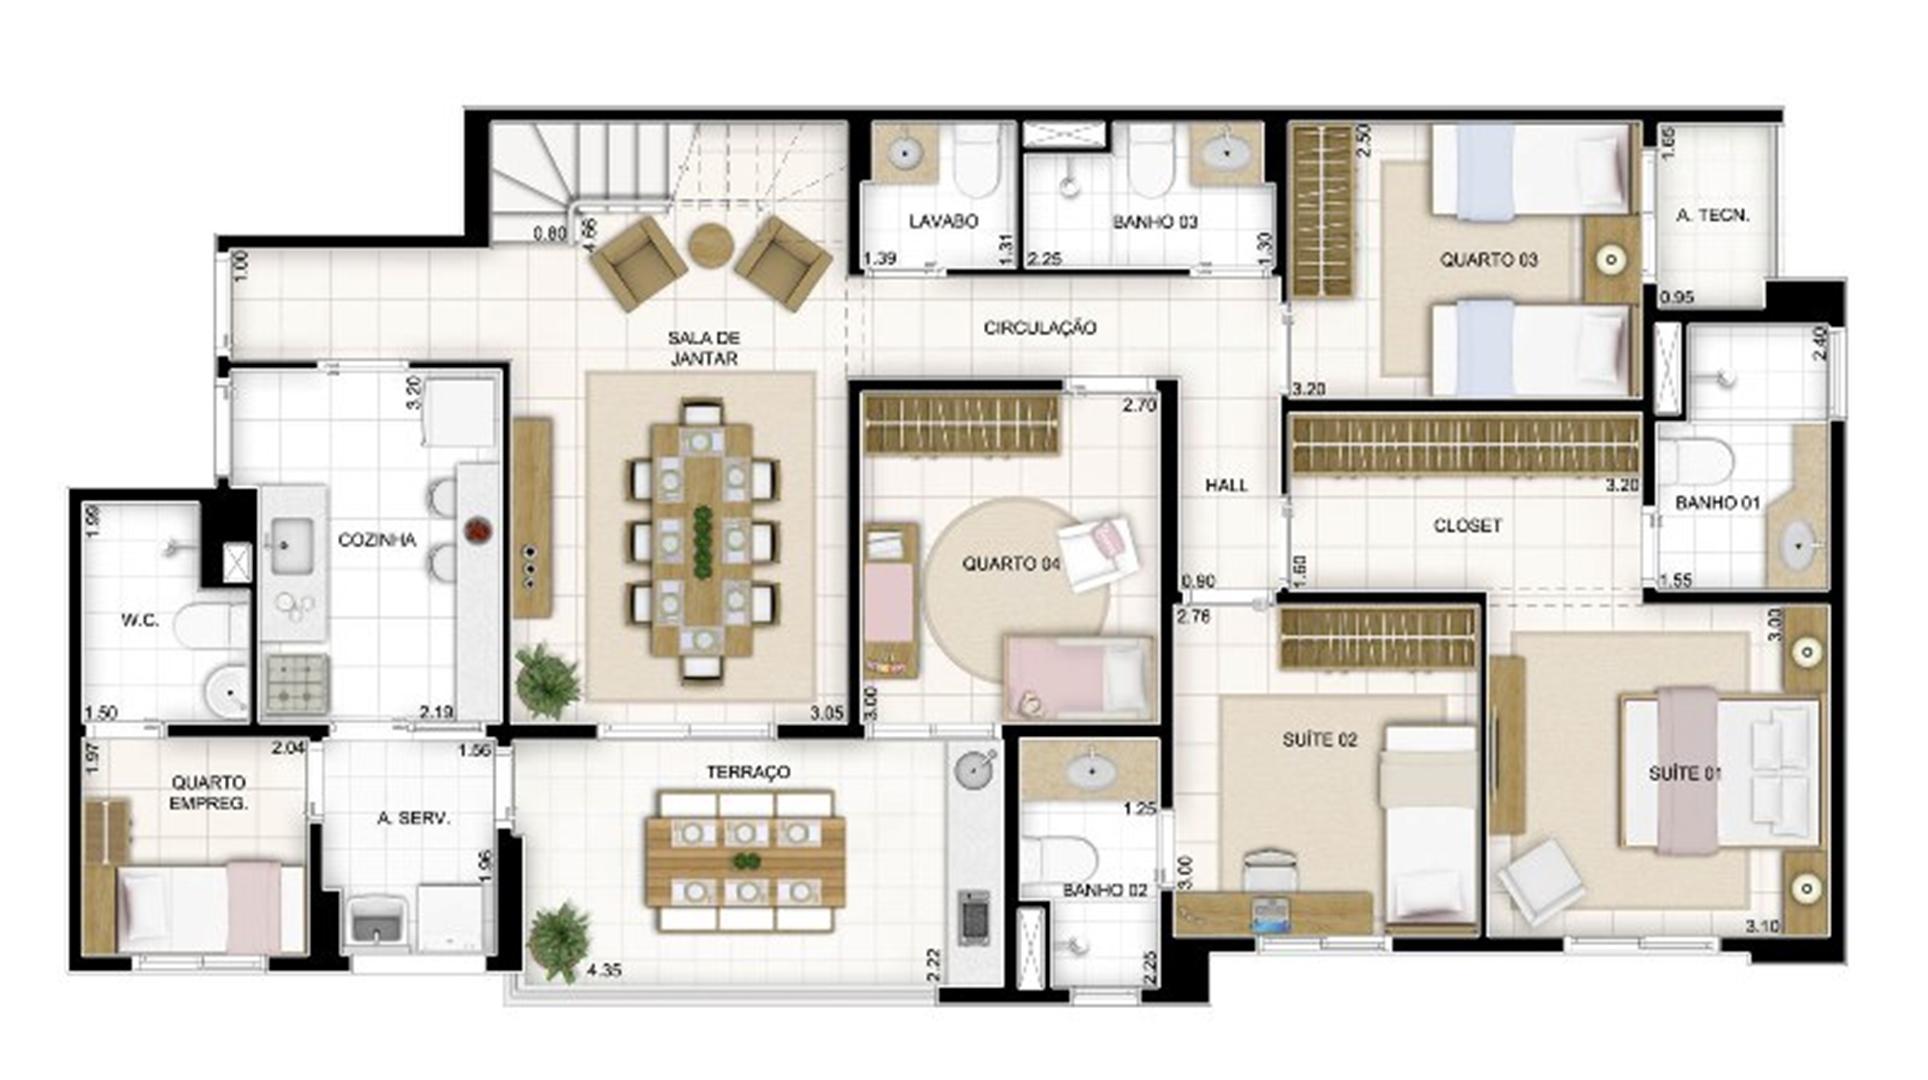 Duplex Andar Inferior 4 quartos 236 m²   Quartier Lagoa Nova – Apartamento na  Lagoa Nova - Natal - Rio Grande do Norte